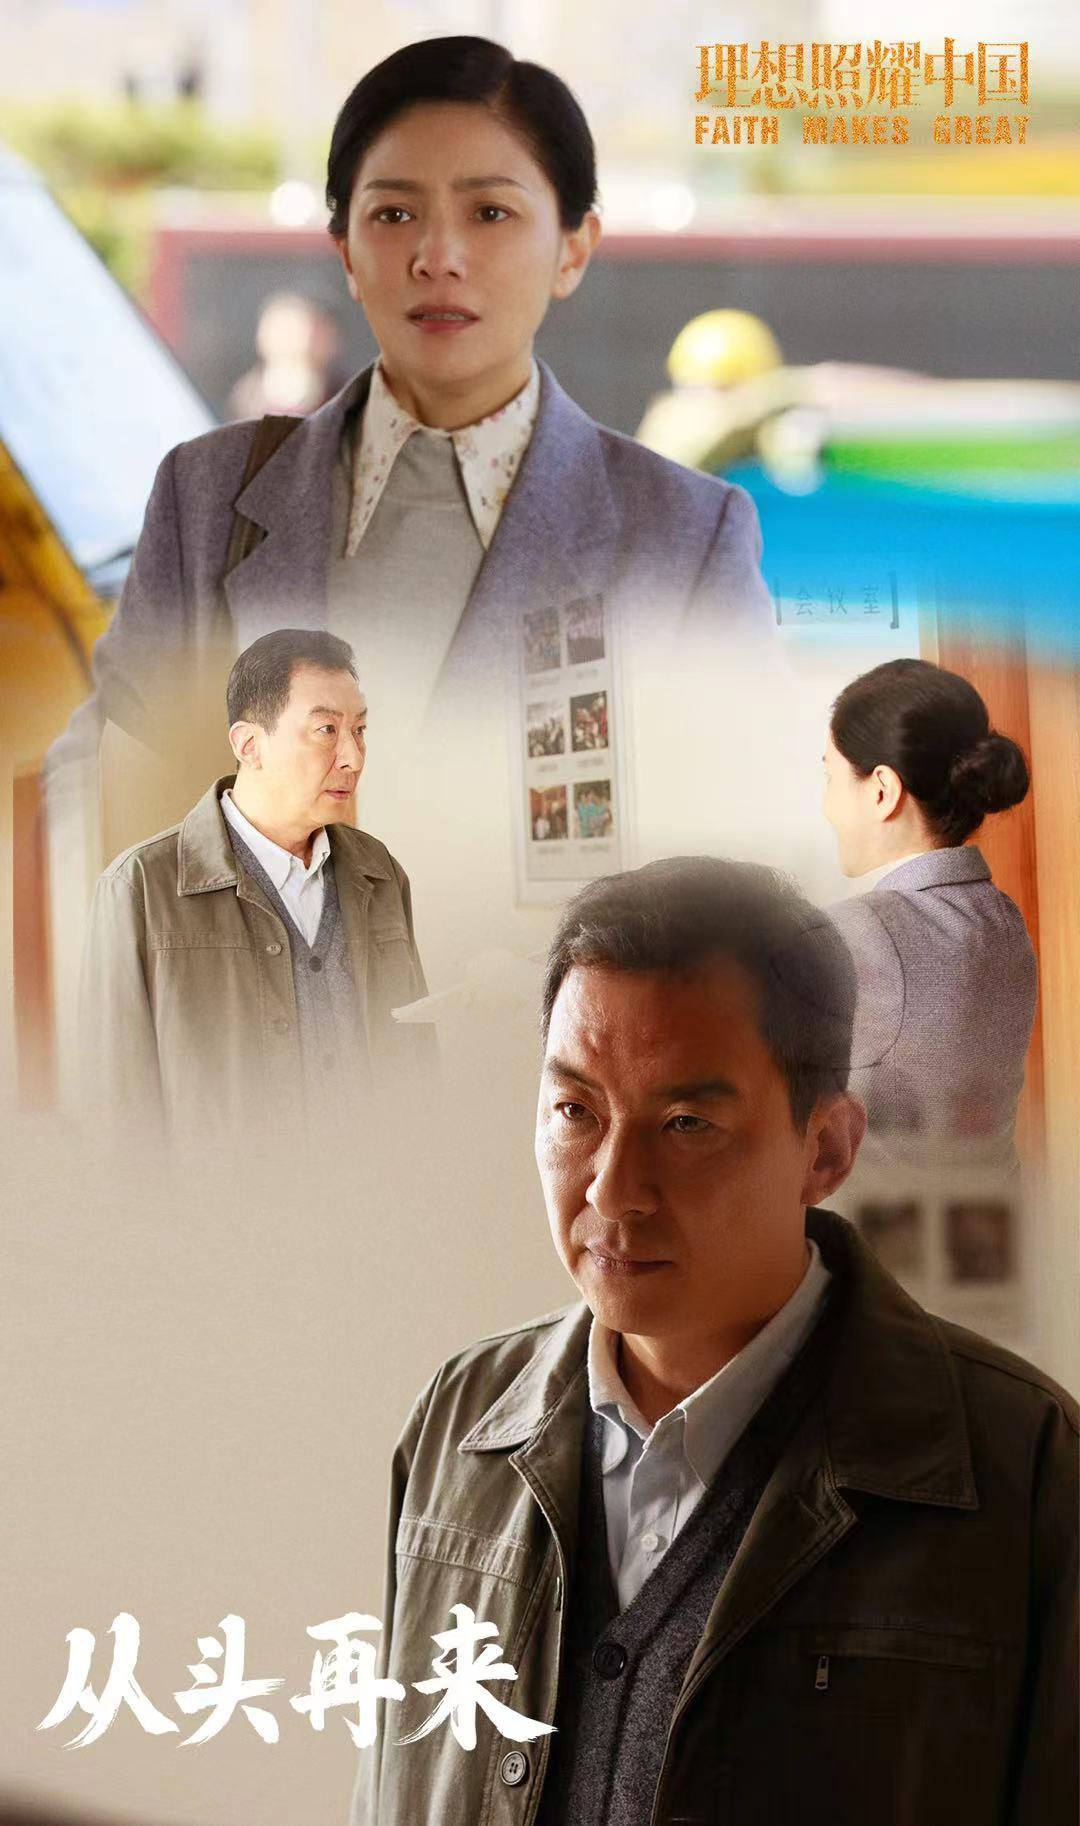 《理想照耀中国》热播 演员郝平饰演苏科长